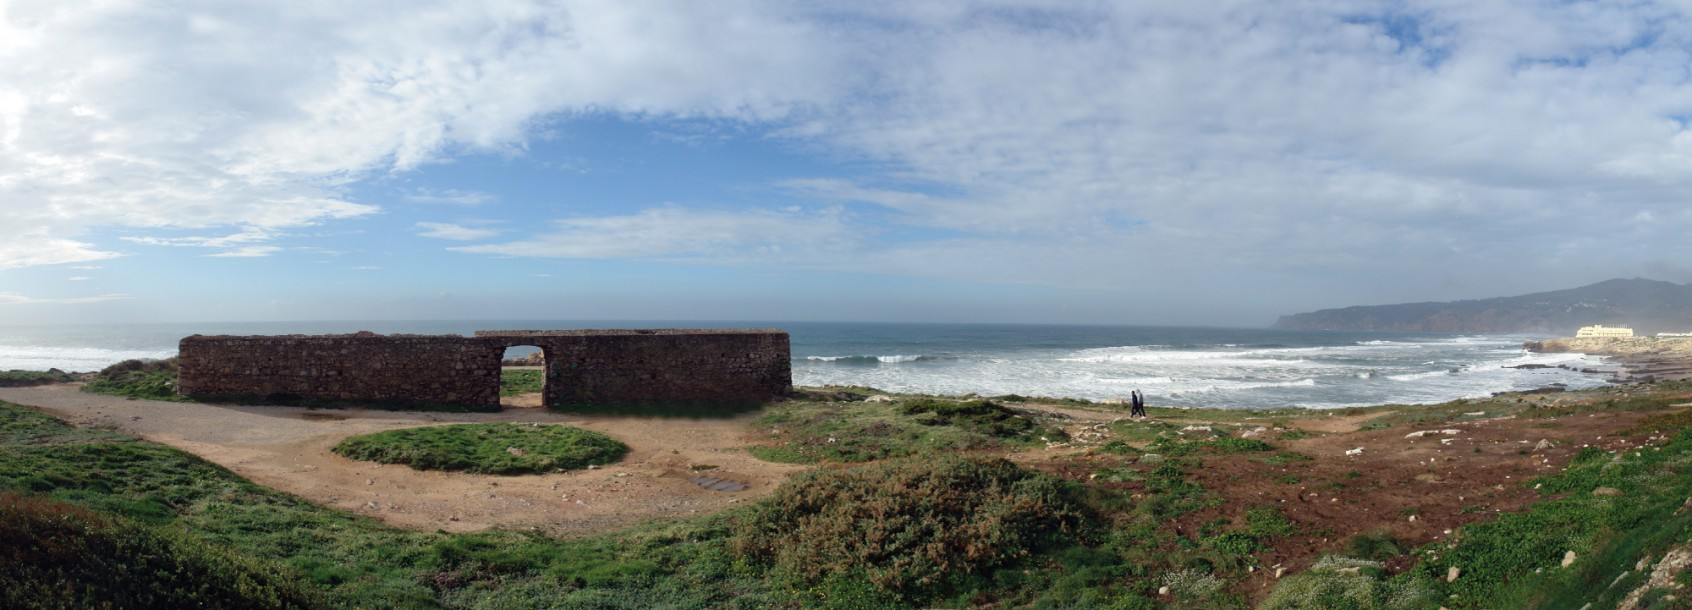 La forteresse de Cresmina depuis la route de la corniche